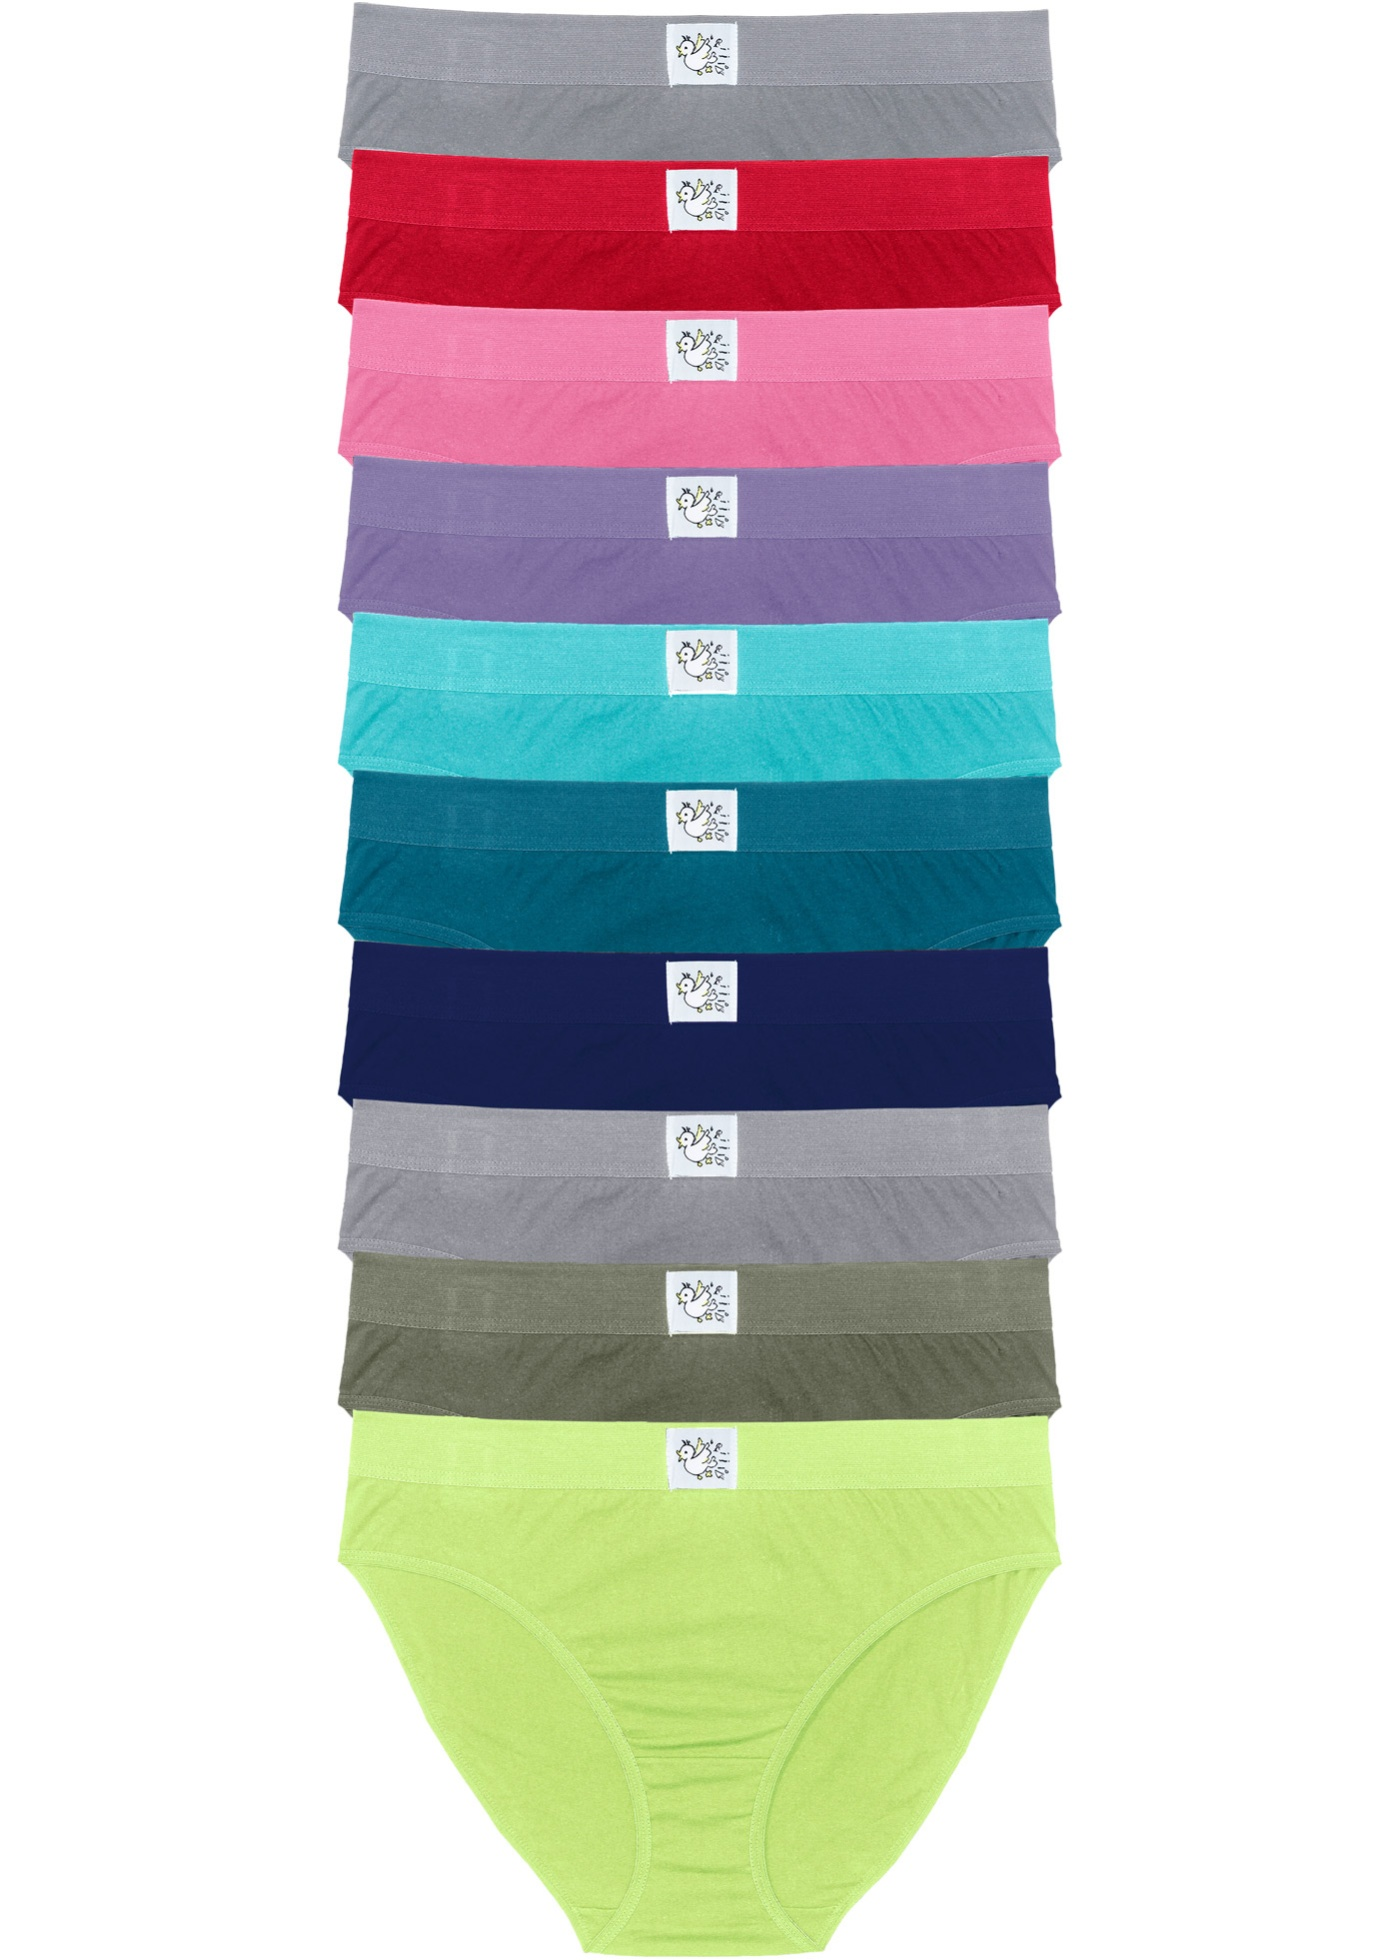 Bpc CollectionLot Vert Femme Pour Slips Bonprix 10 De EY2IDHW9